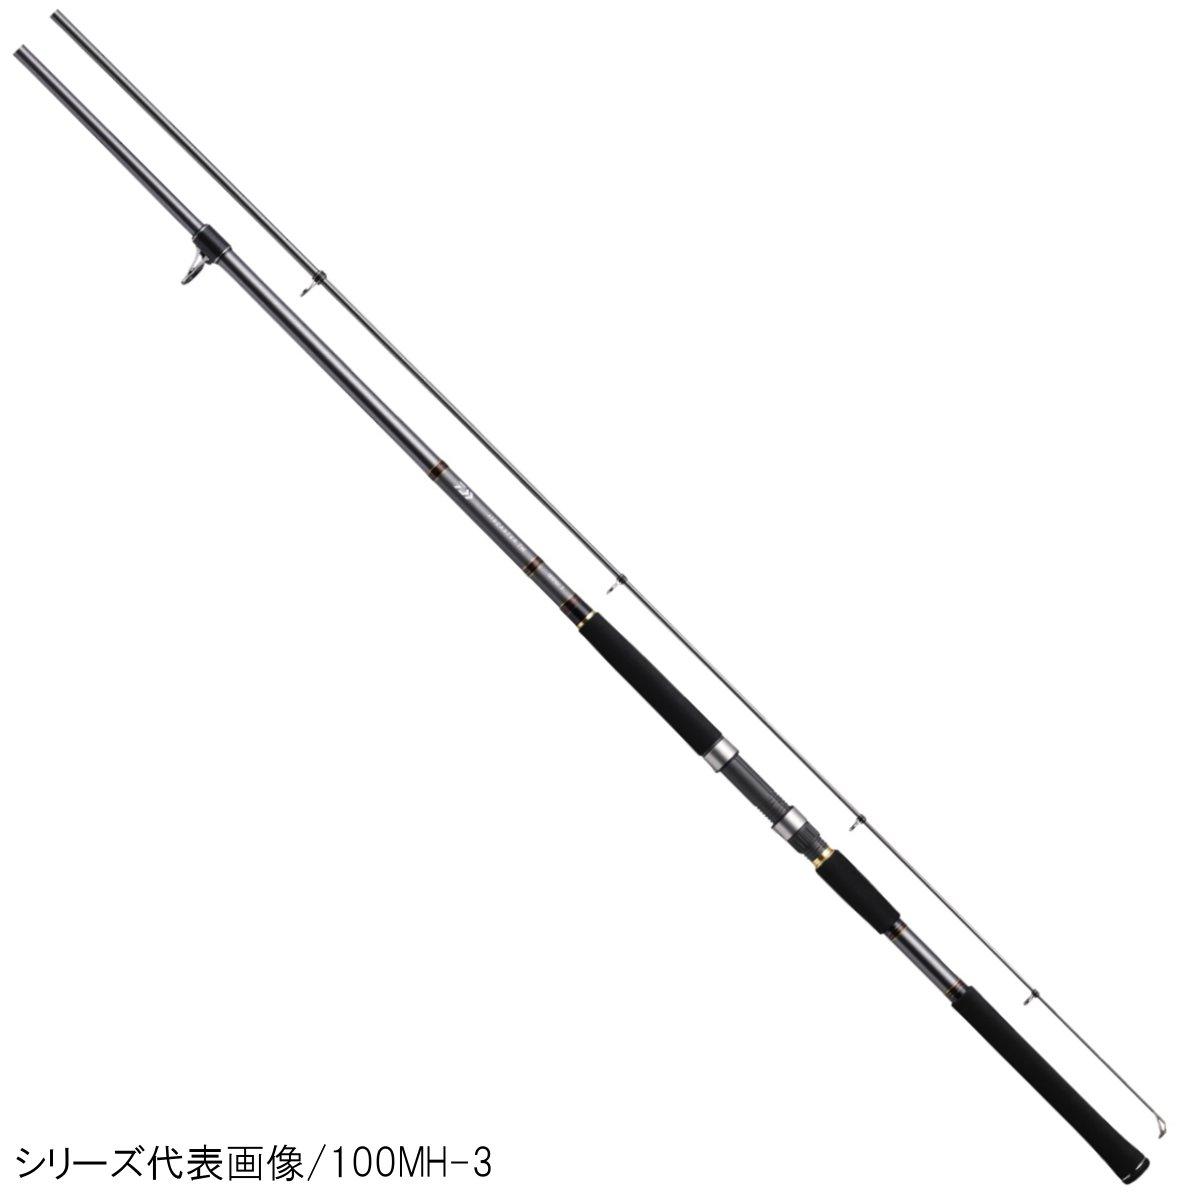 ダイワ ジグキャスター TM 100M-3【送料無料】